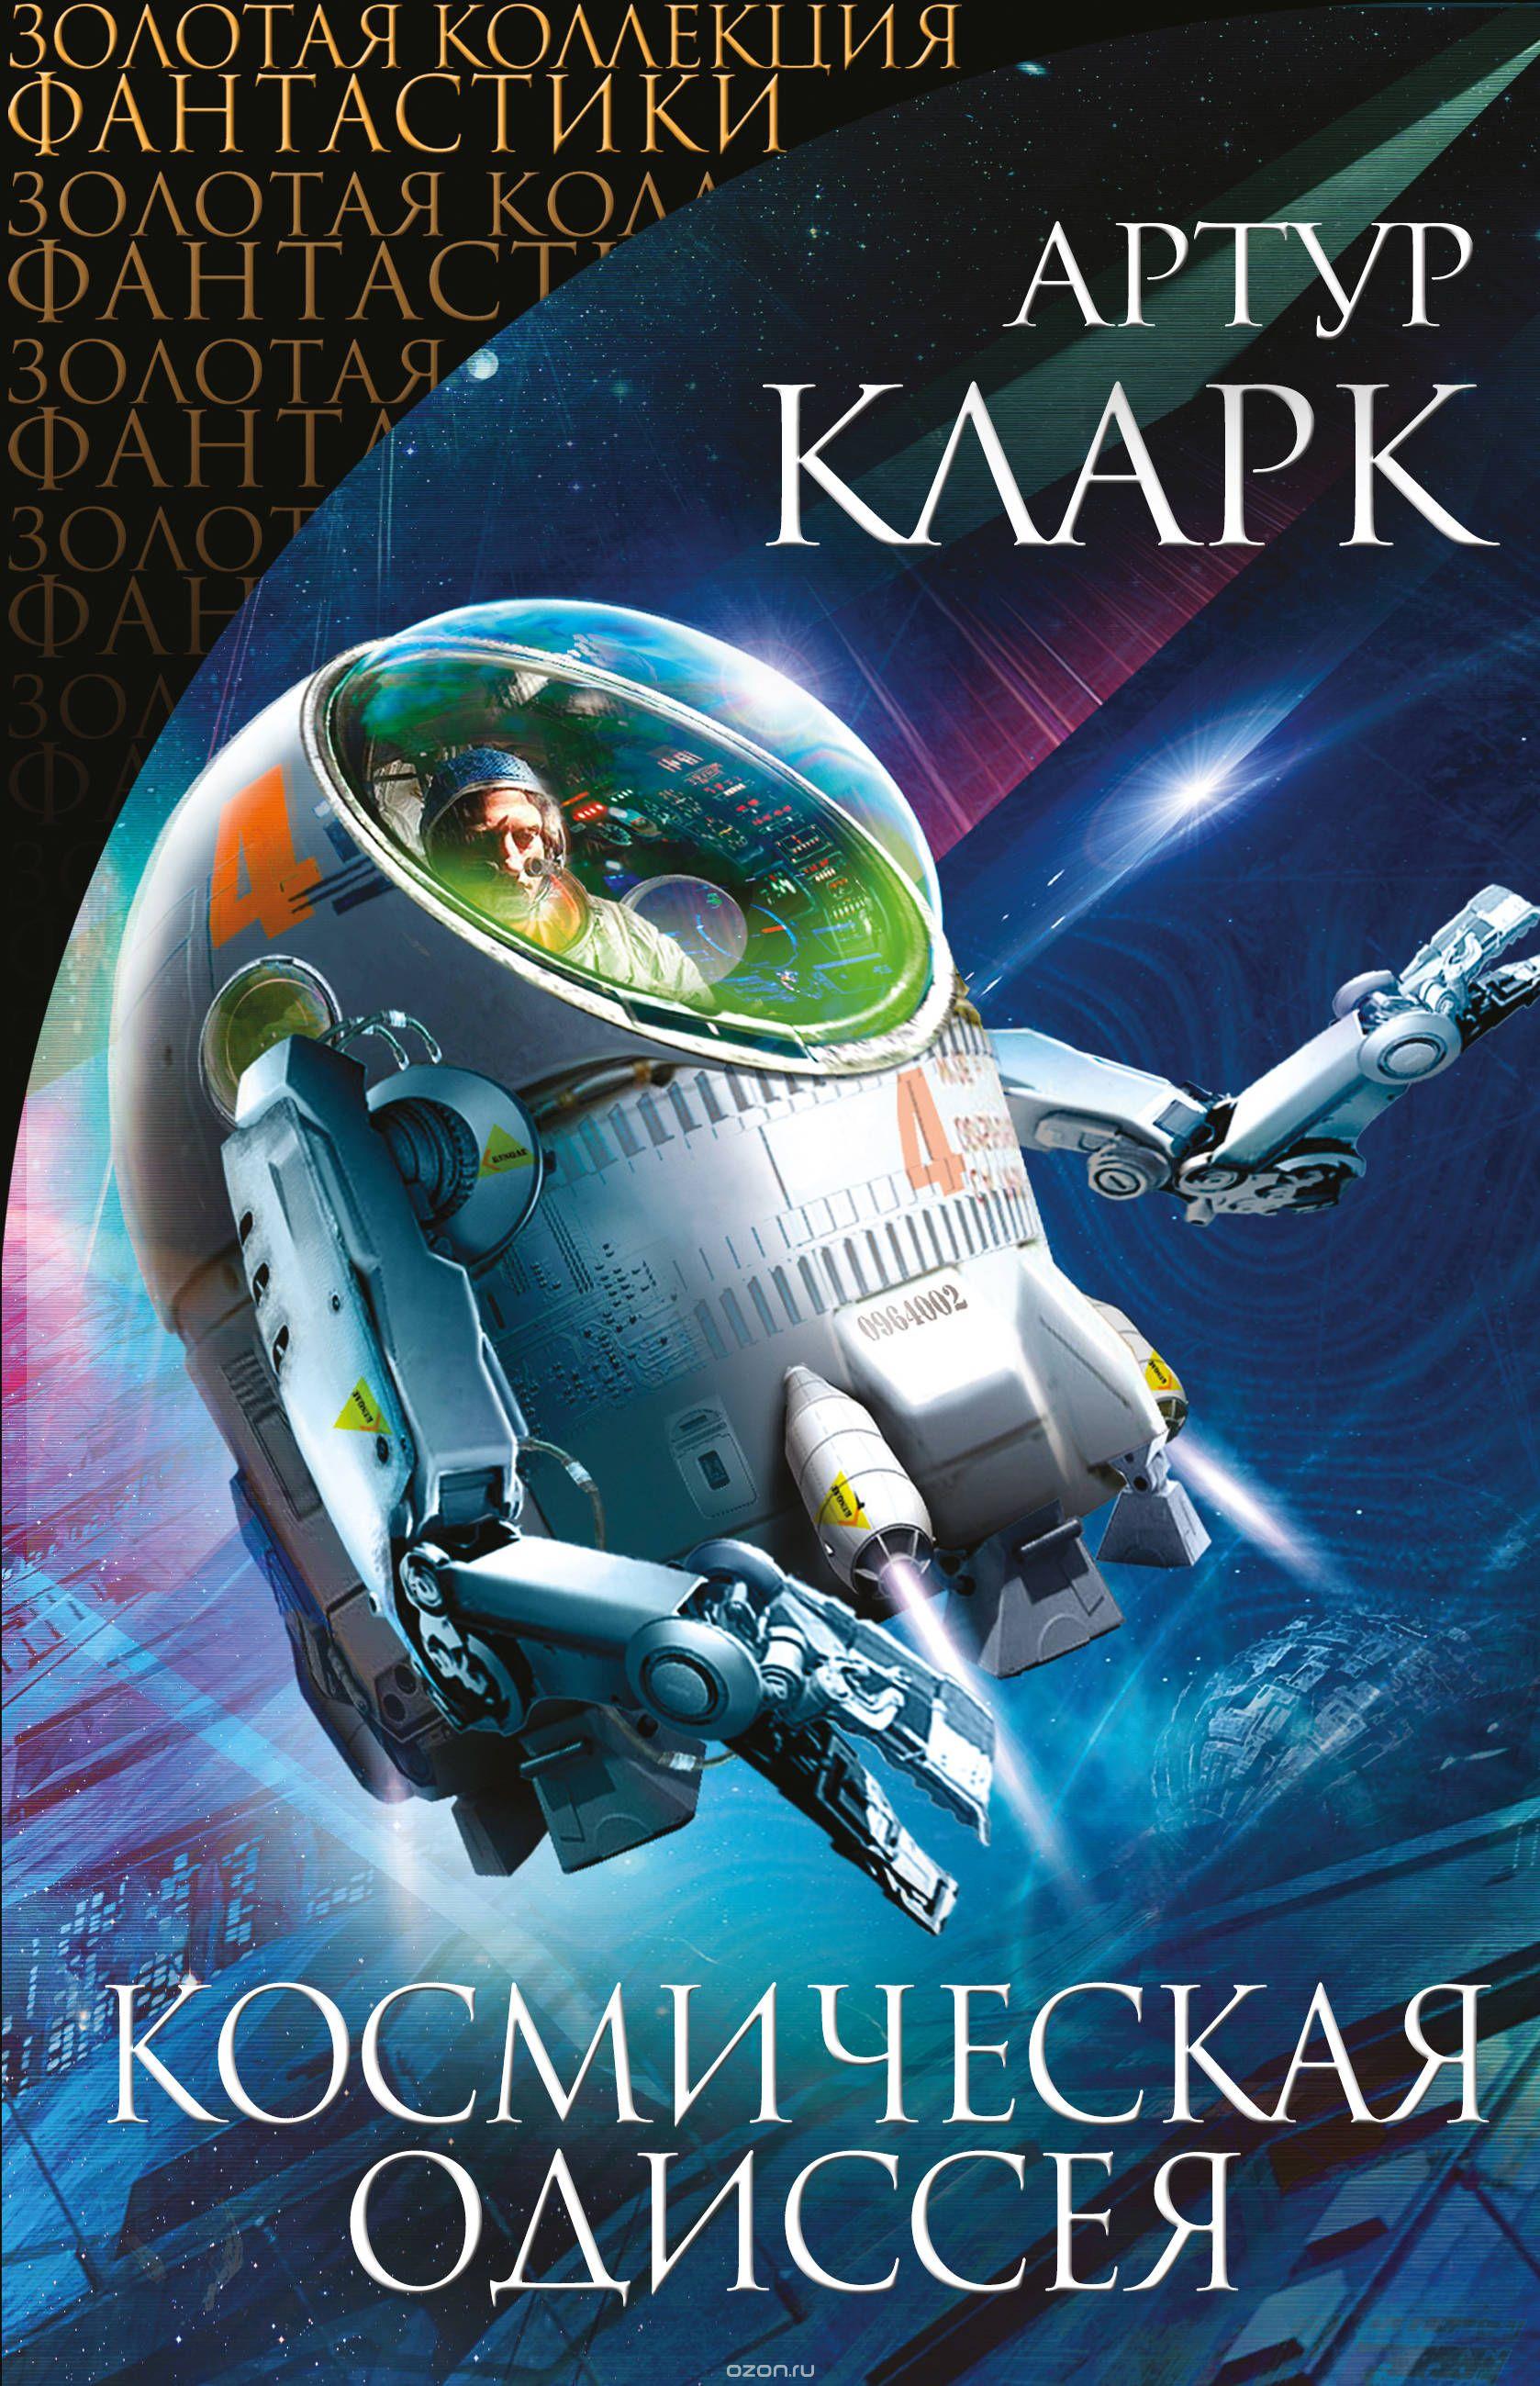 Книга космическая одиссея рецензия 9710